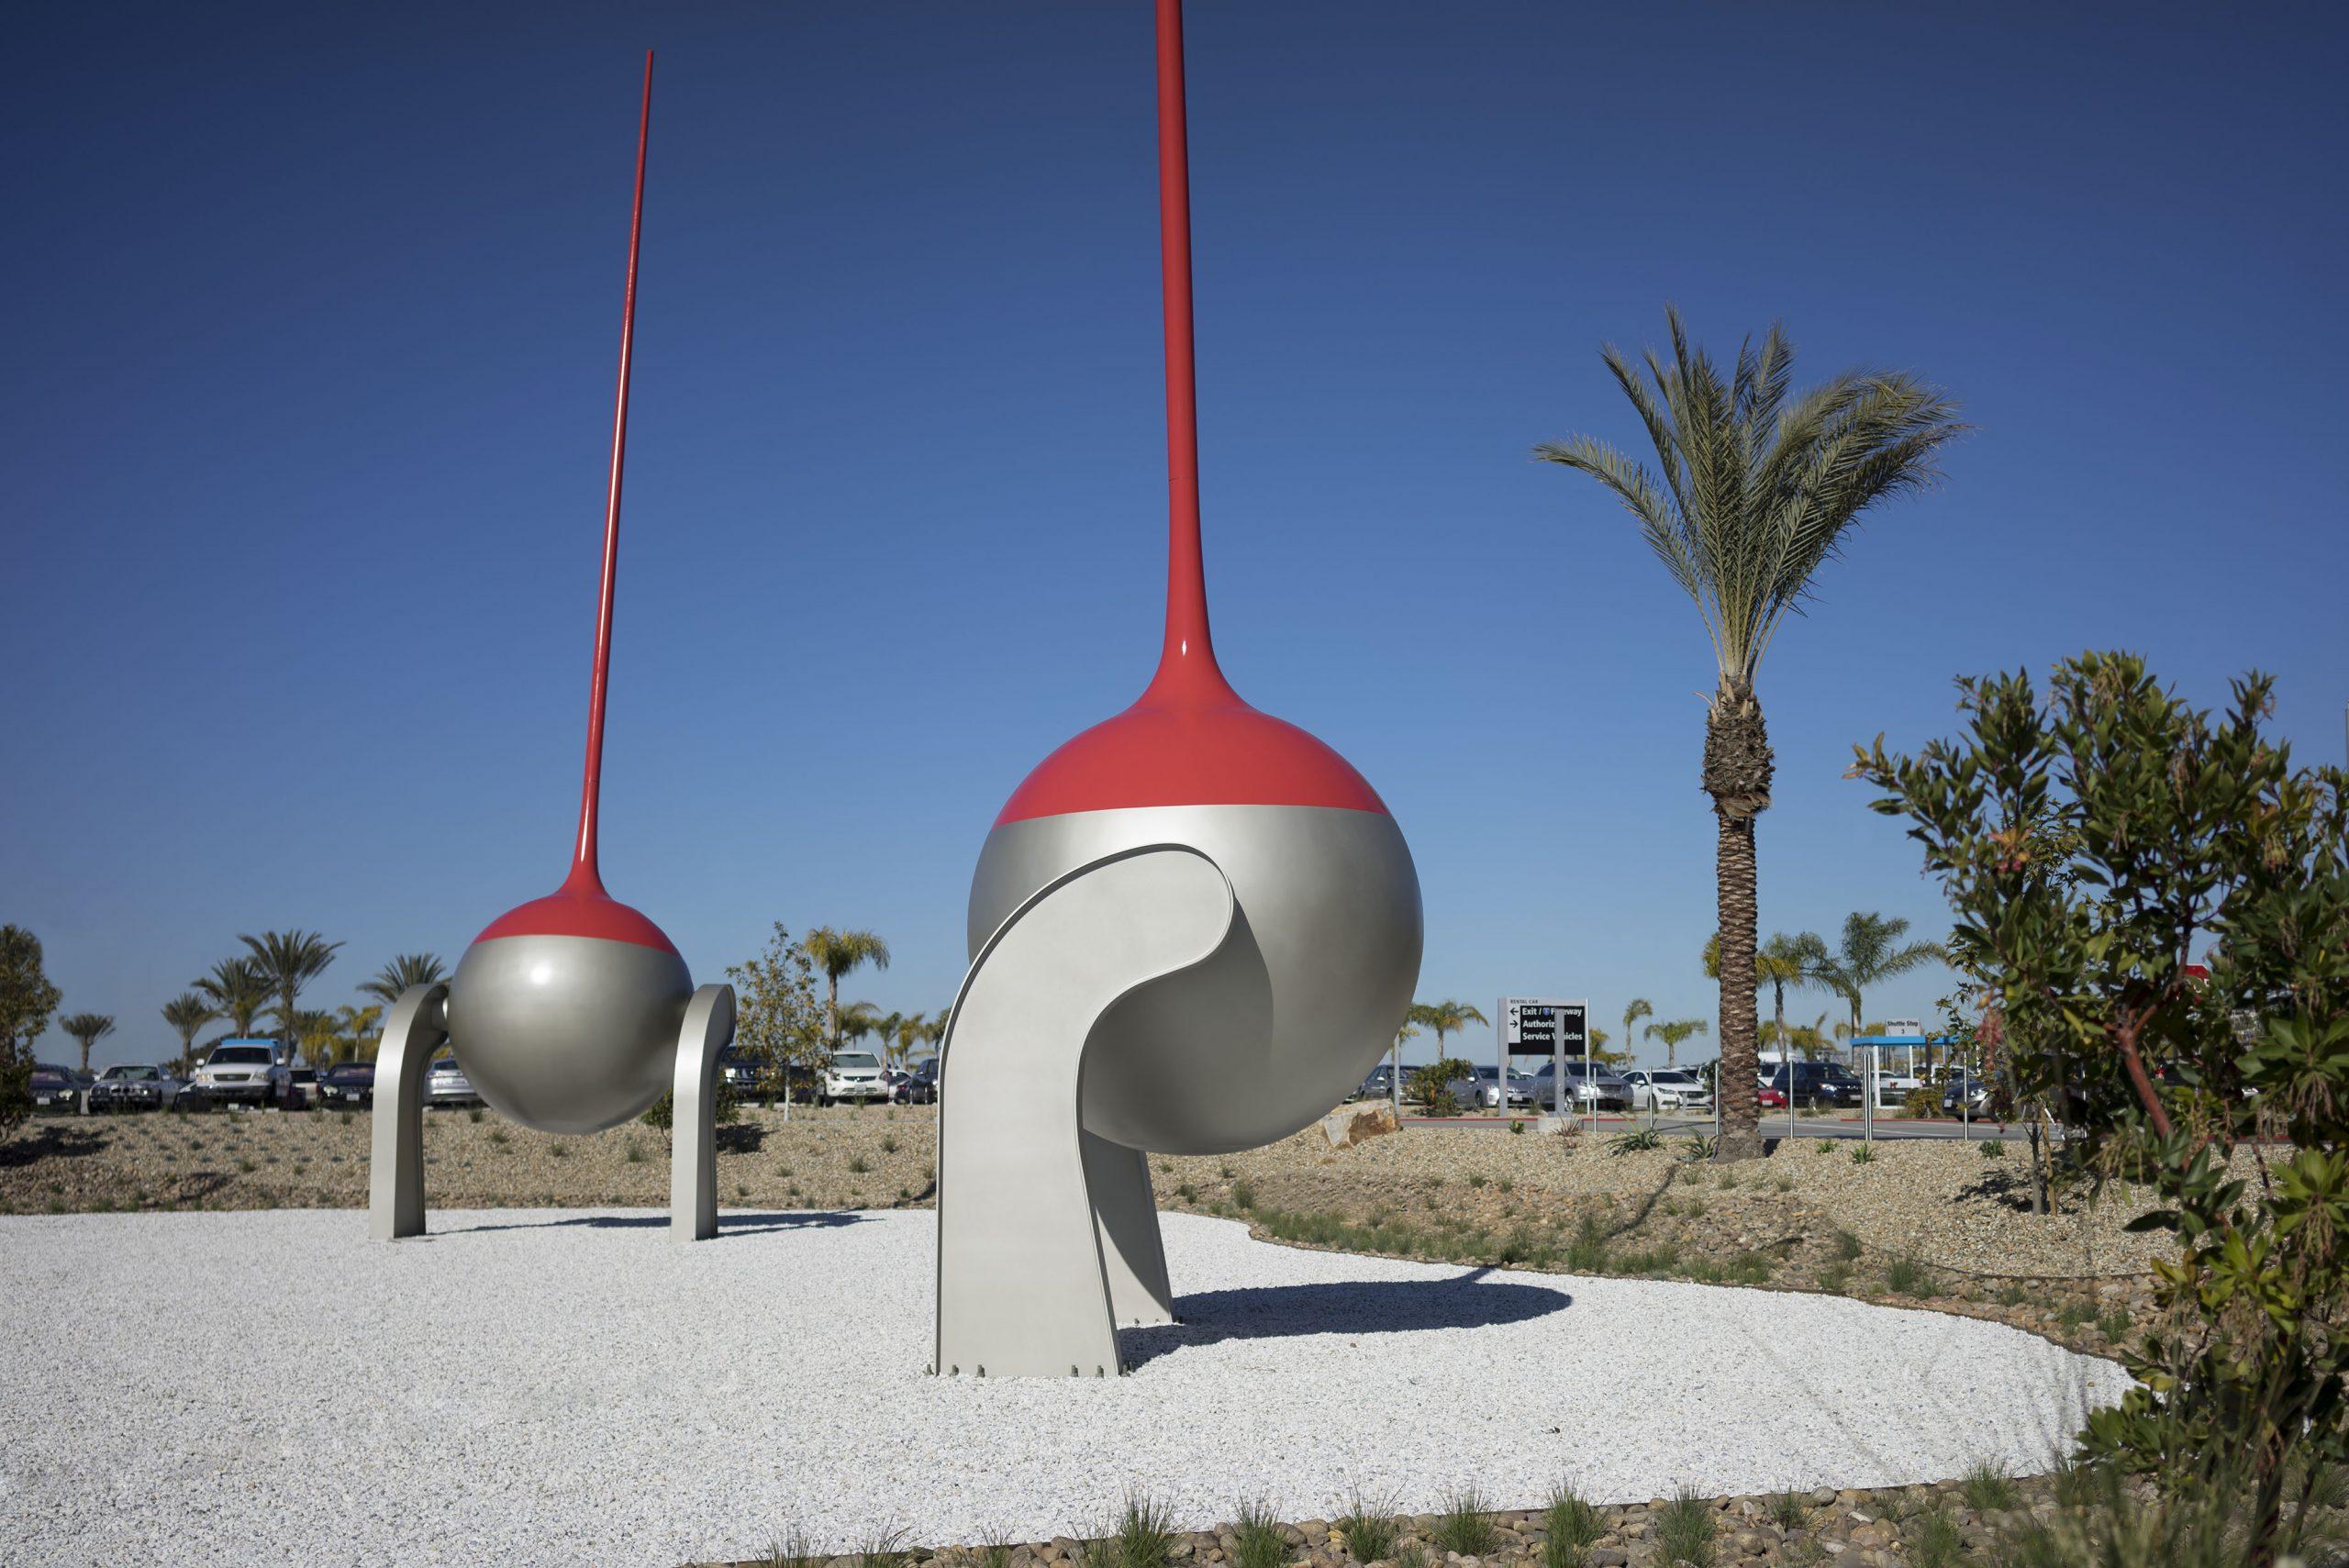 MetroGnomes by Christian Moeller